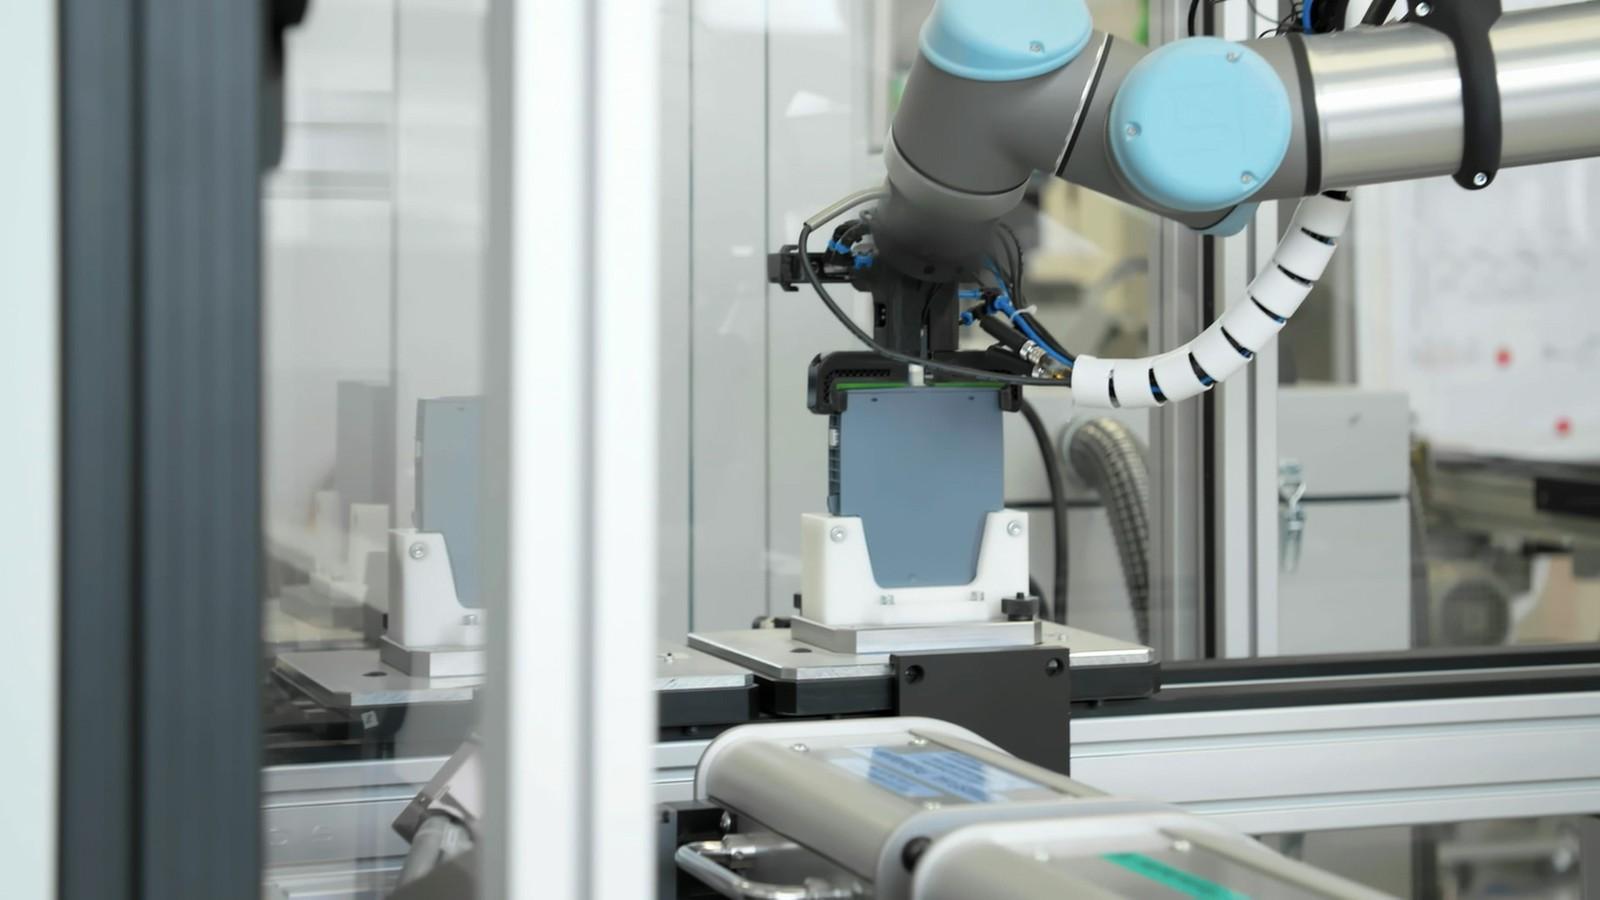 Die additive Fertigung ermöglicht, dass Automatisierungslösungen kompakt designed werden und Funktionen wie komplexe Vakuumkanäle im Grundkörper eines Robotergreifers realisiert werden können.